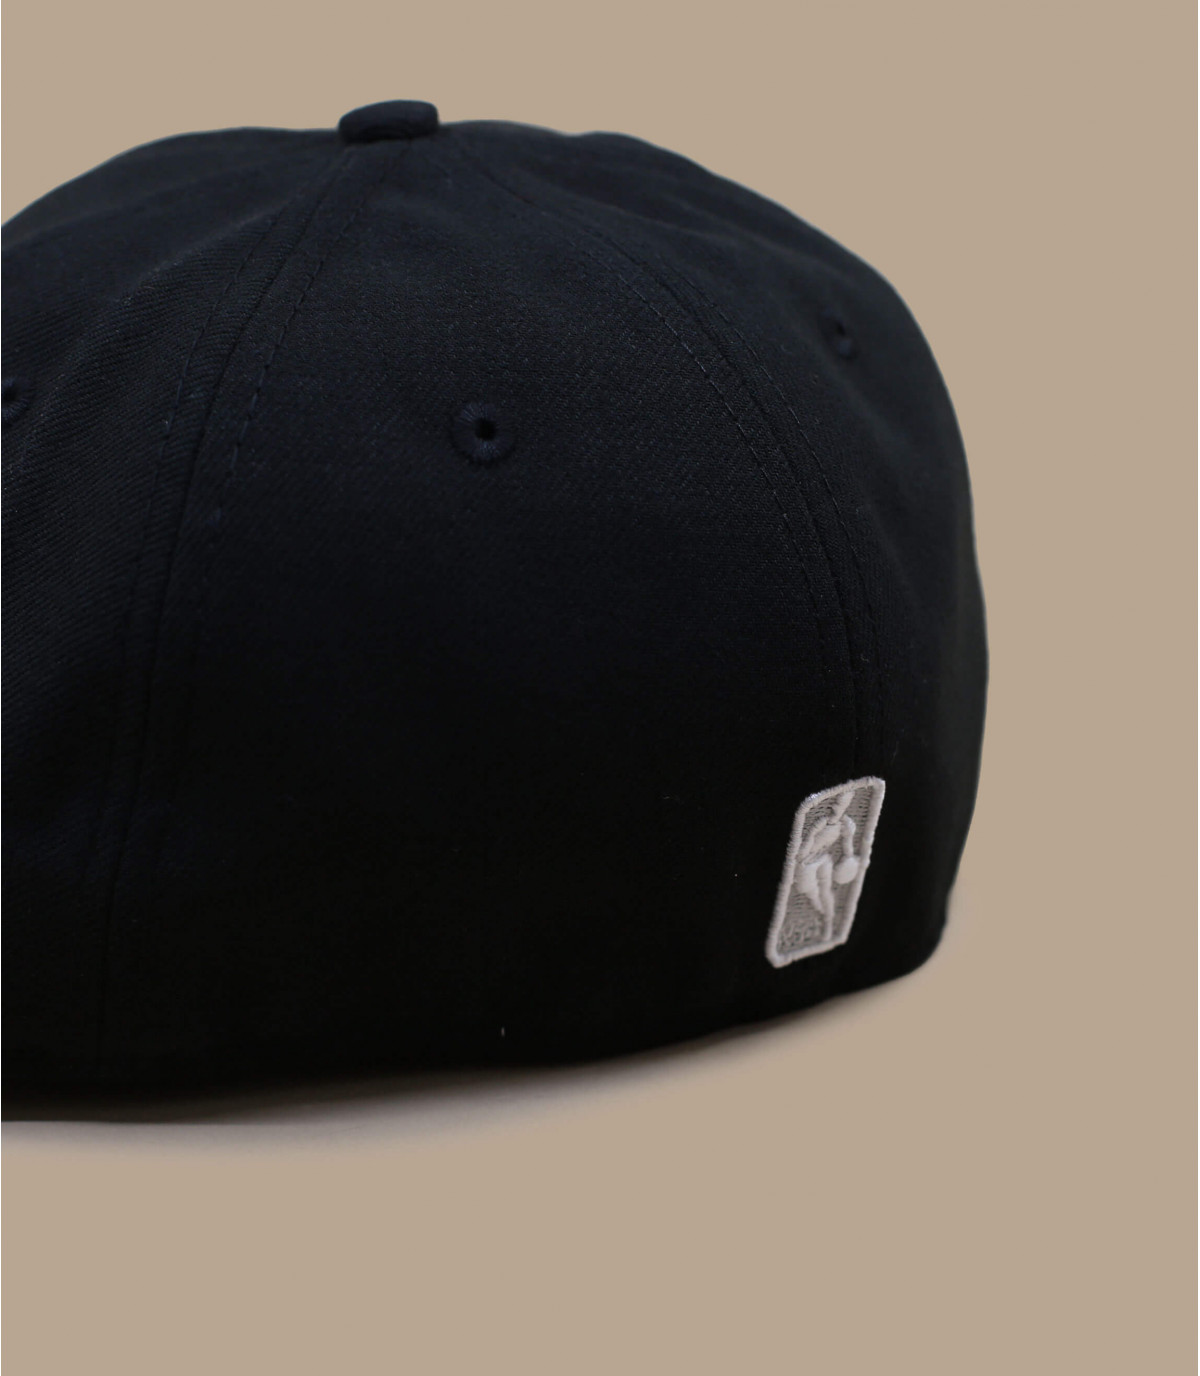 Détails Casquette Nets 59fifty noire grise - image 3